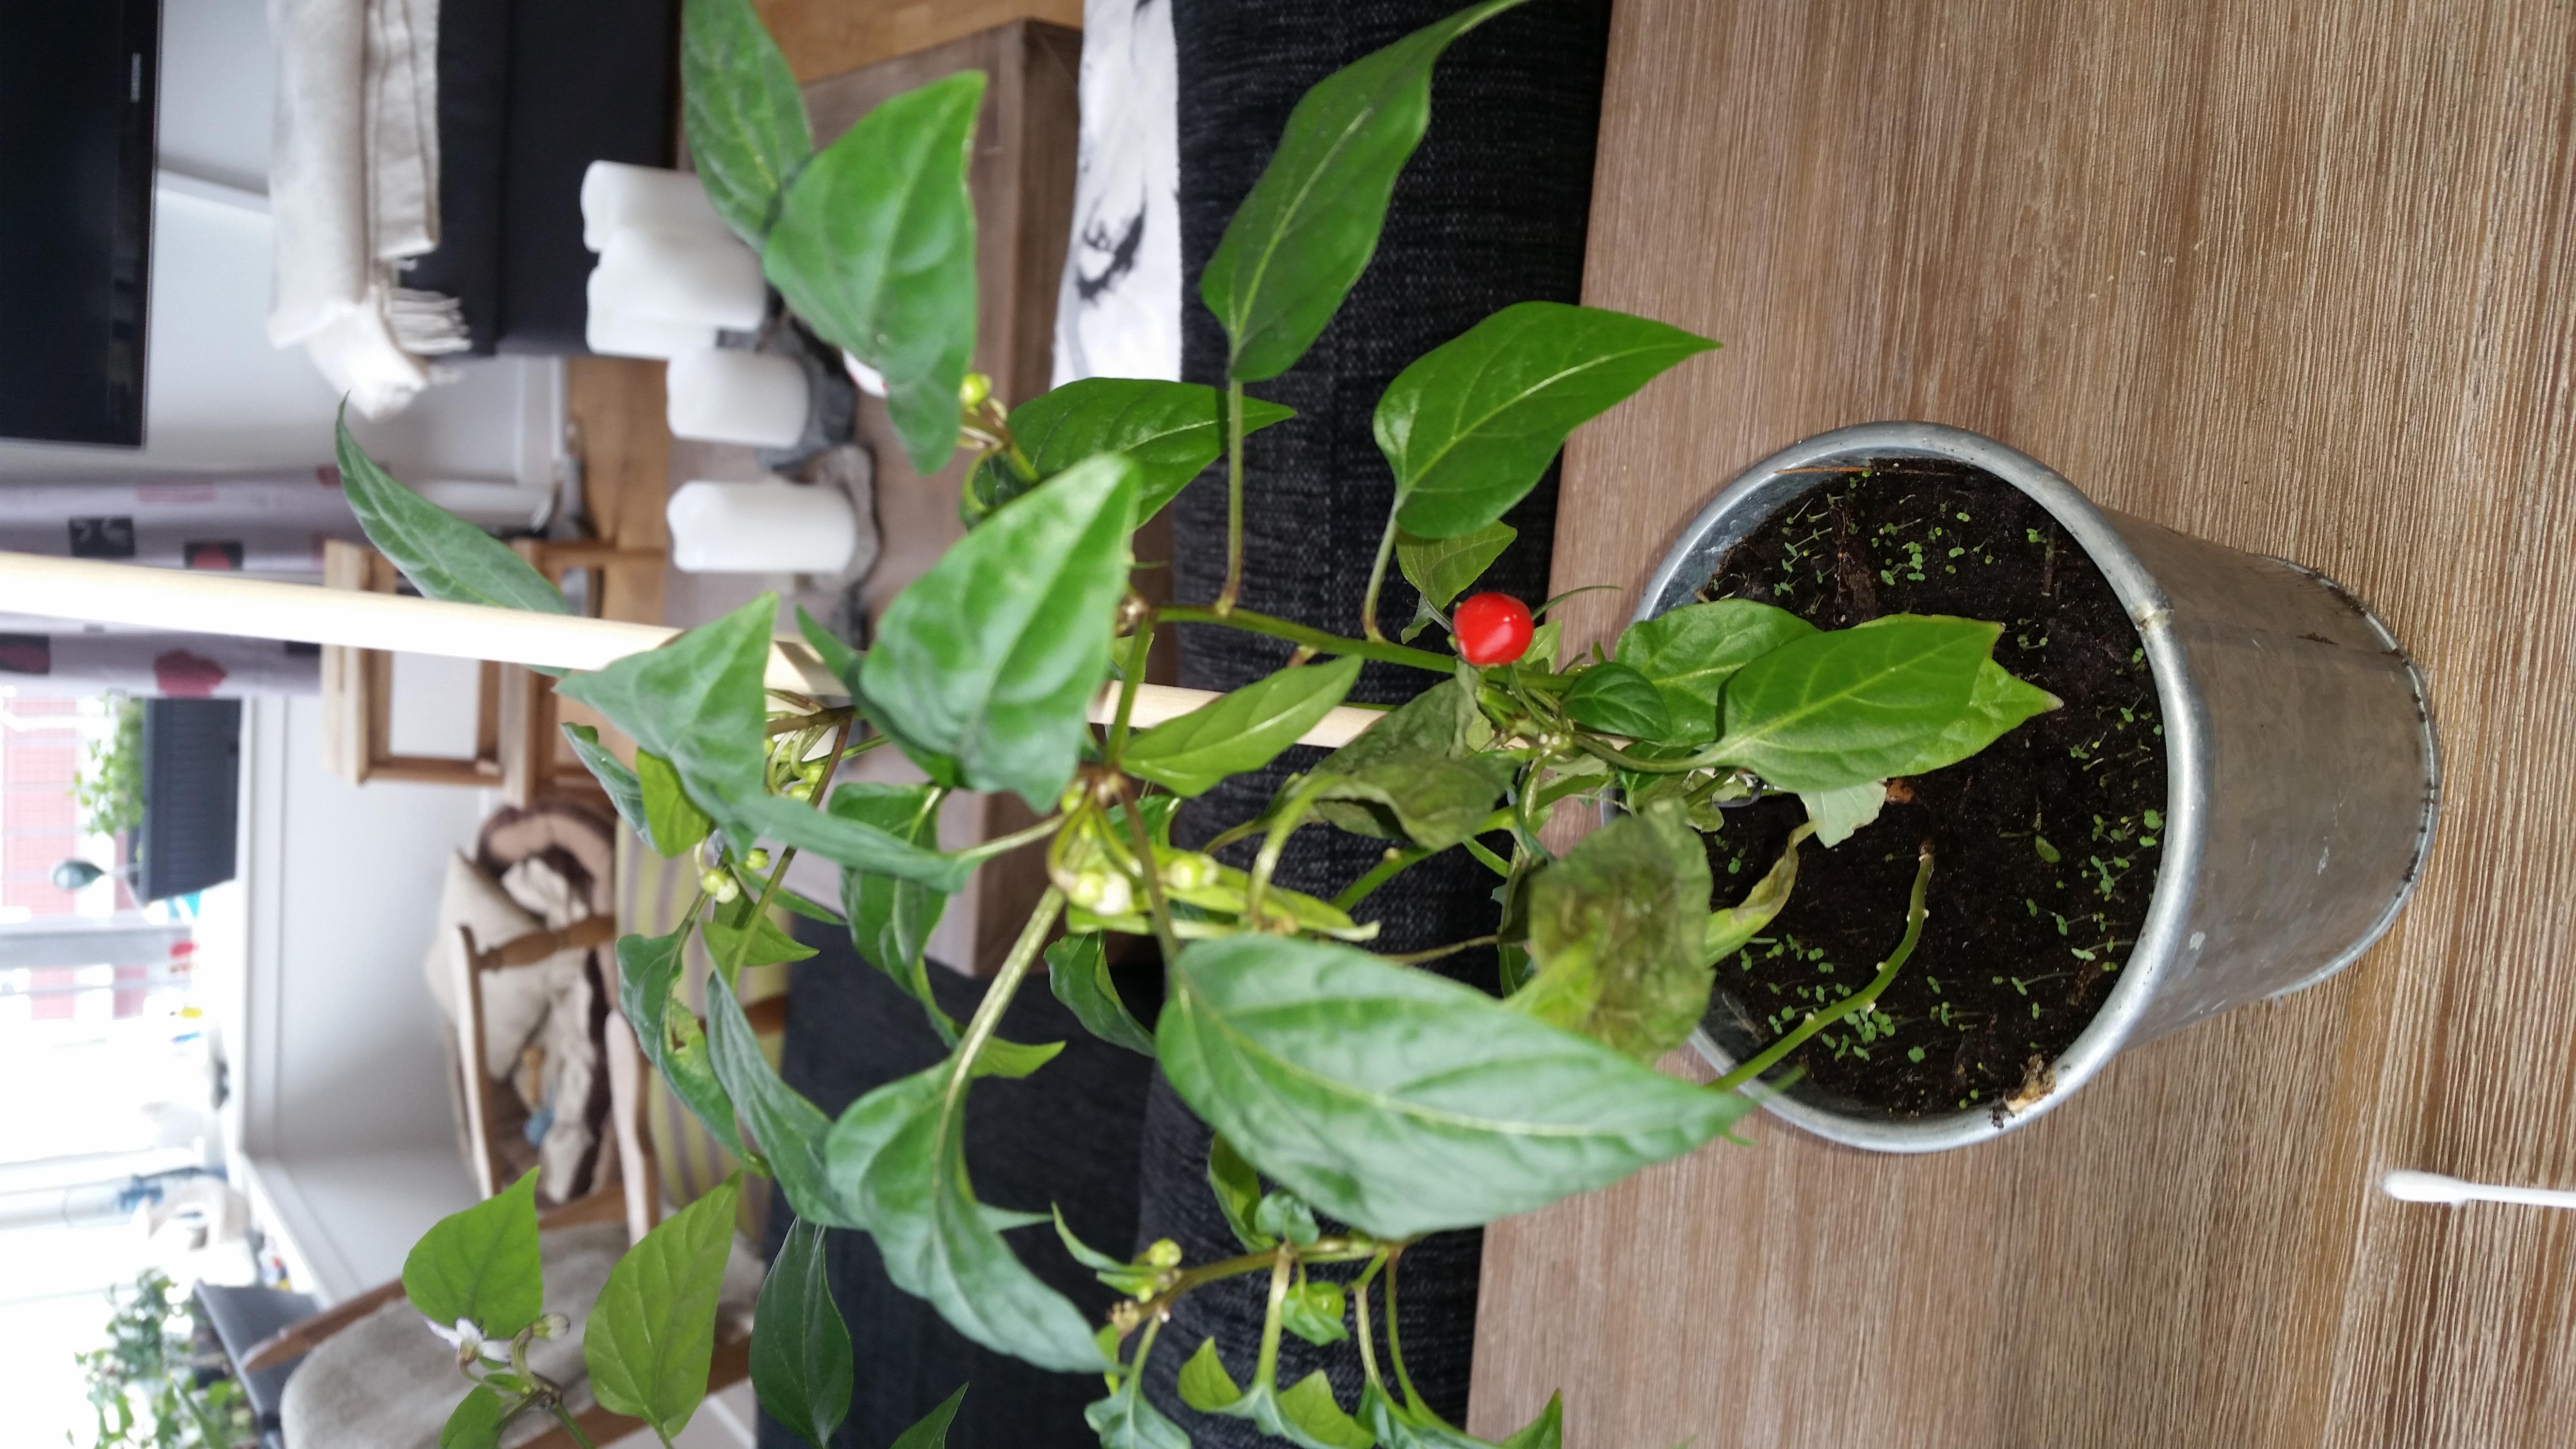 2017-05-11-0909_-_Chili; Plante_2